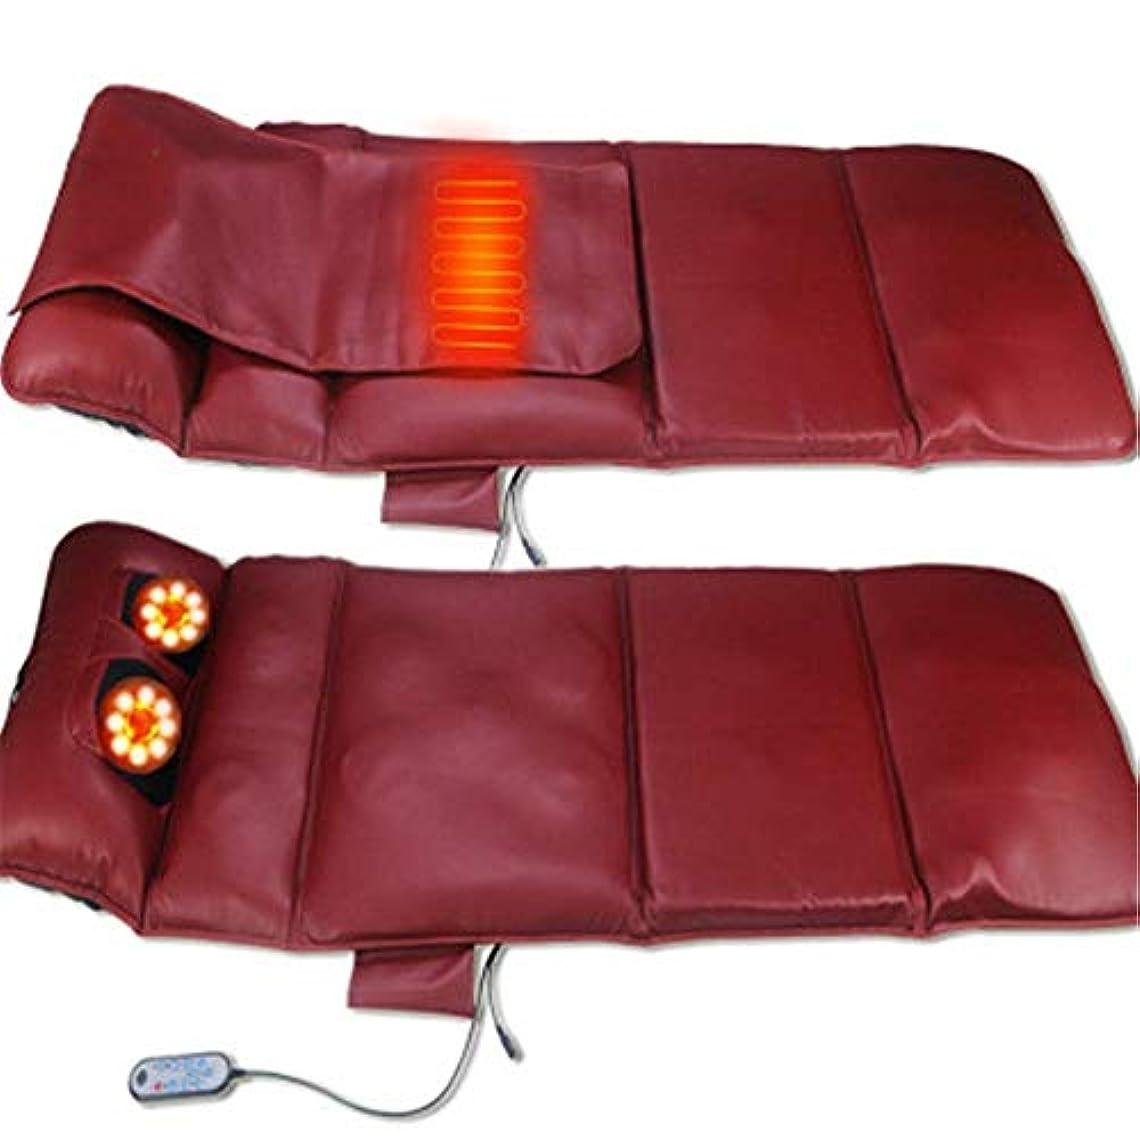 首尾一貫した流す団結リラックス健康マットレス電気マッサージマット暖房理学療法ボディの痛みを軽減するマッサージマットエアバッグマッサージマットレス,ブラウン